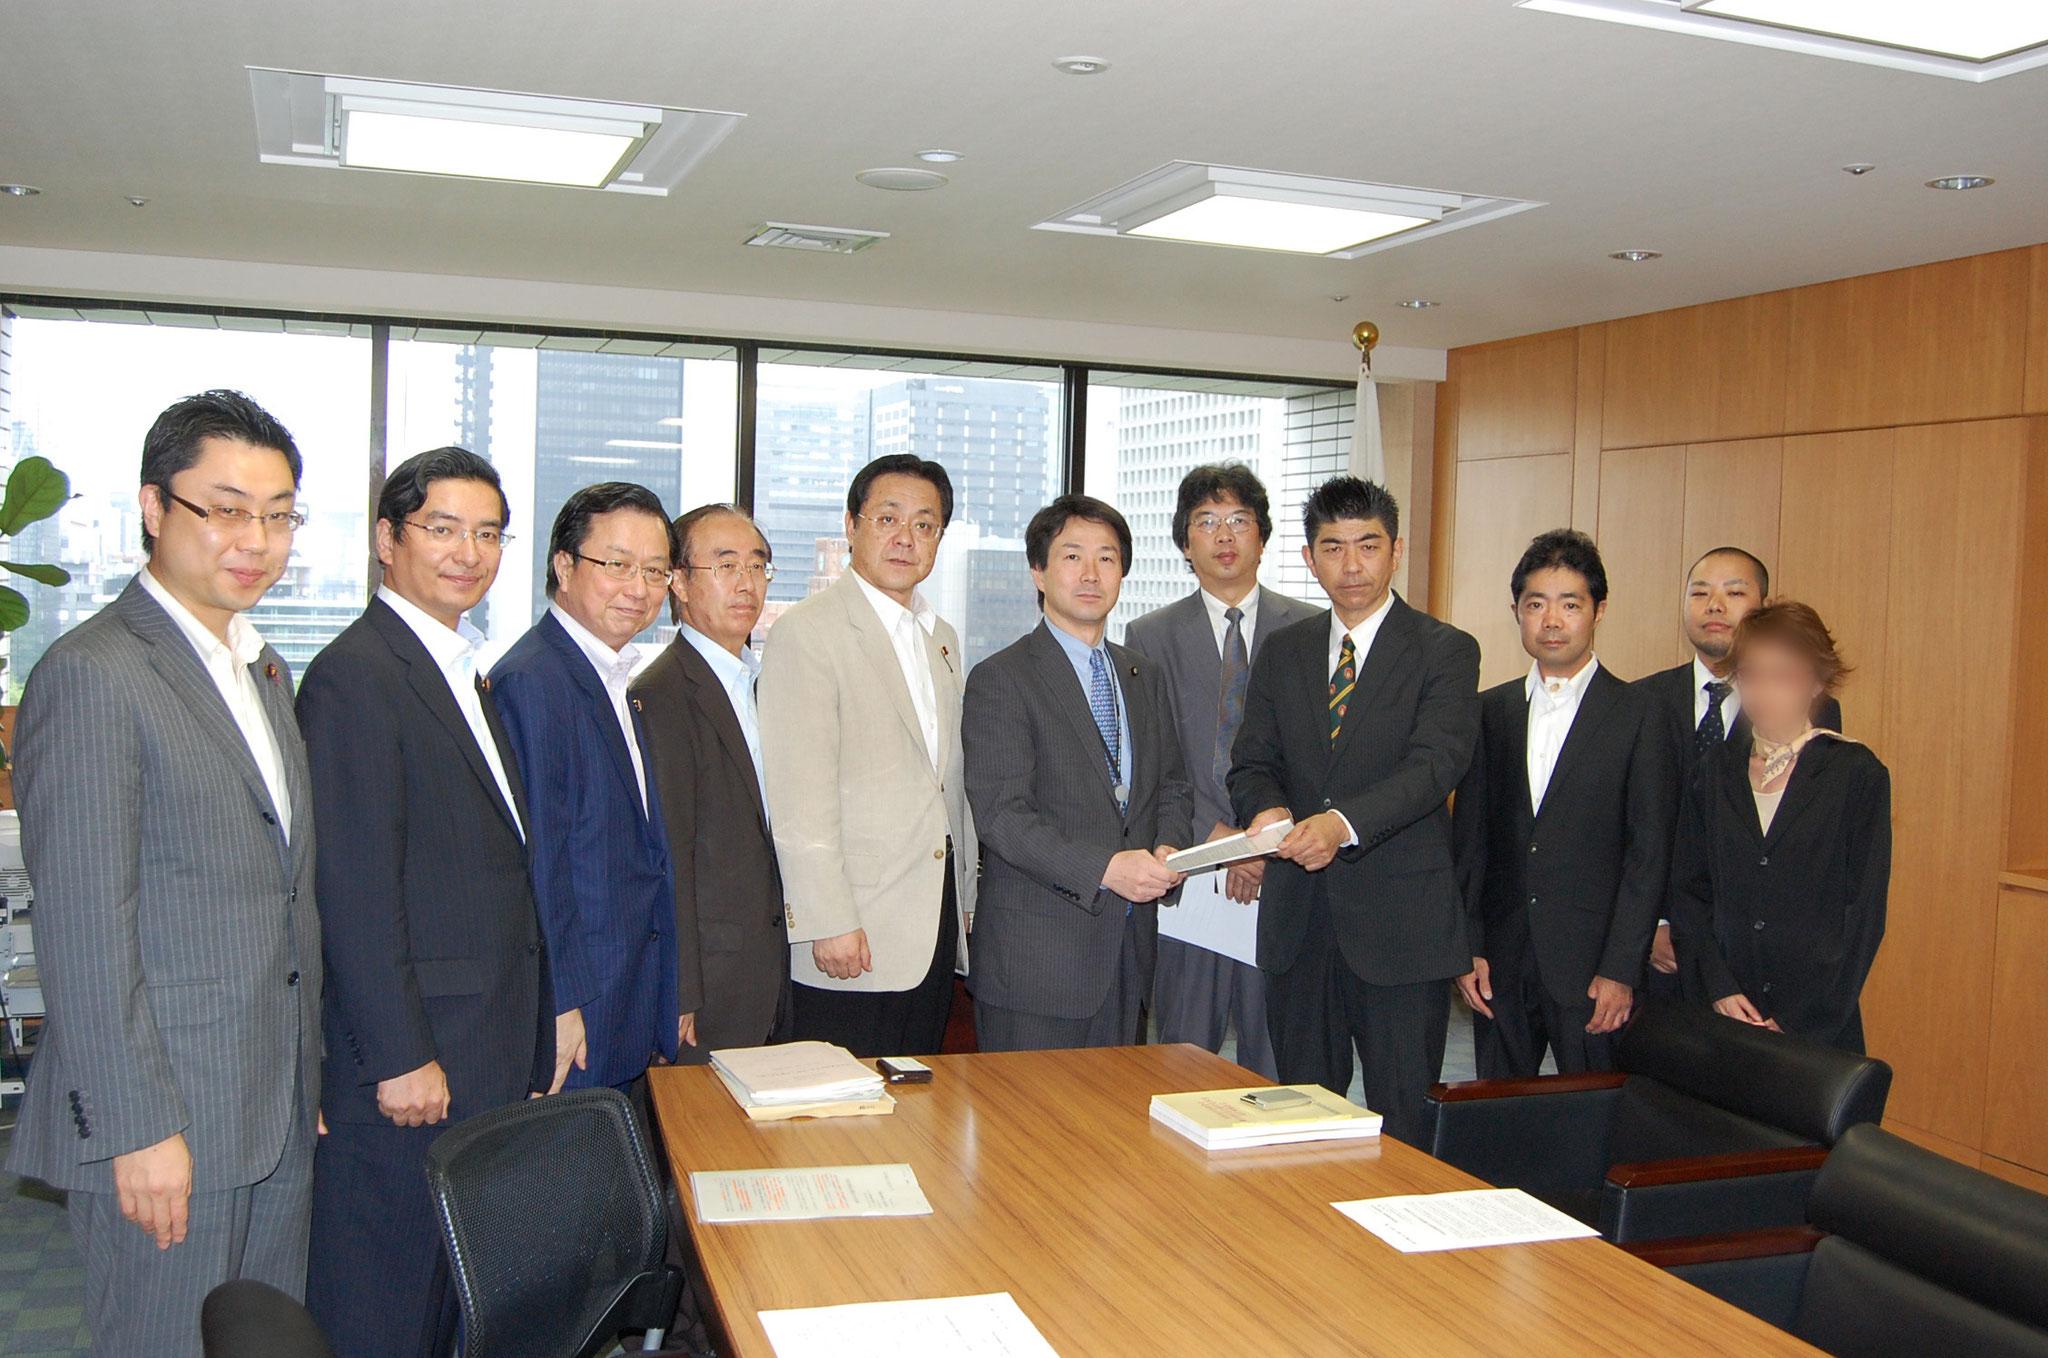 2011年7月 厚生労働省へ第2回難病認定嘆願署名約21万人分を提出(合計25万人)